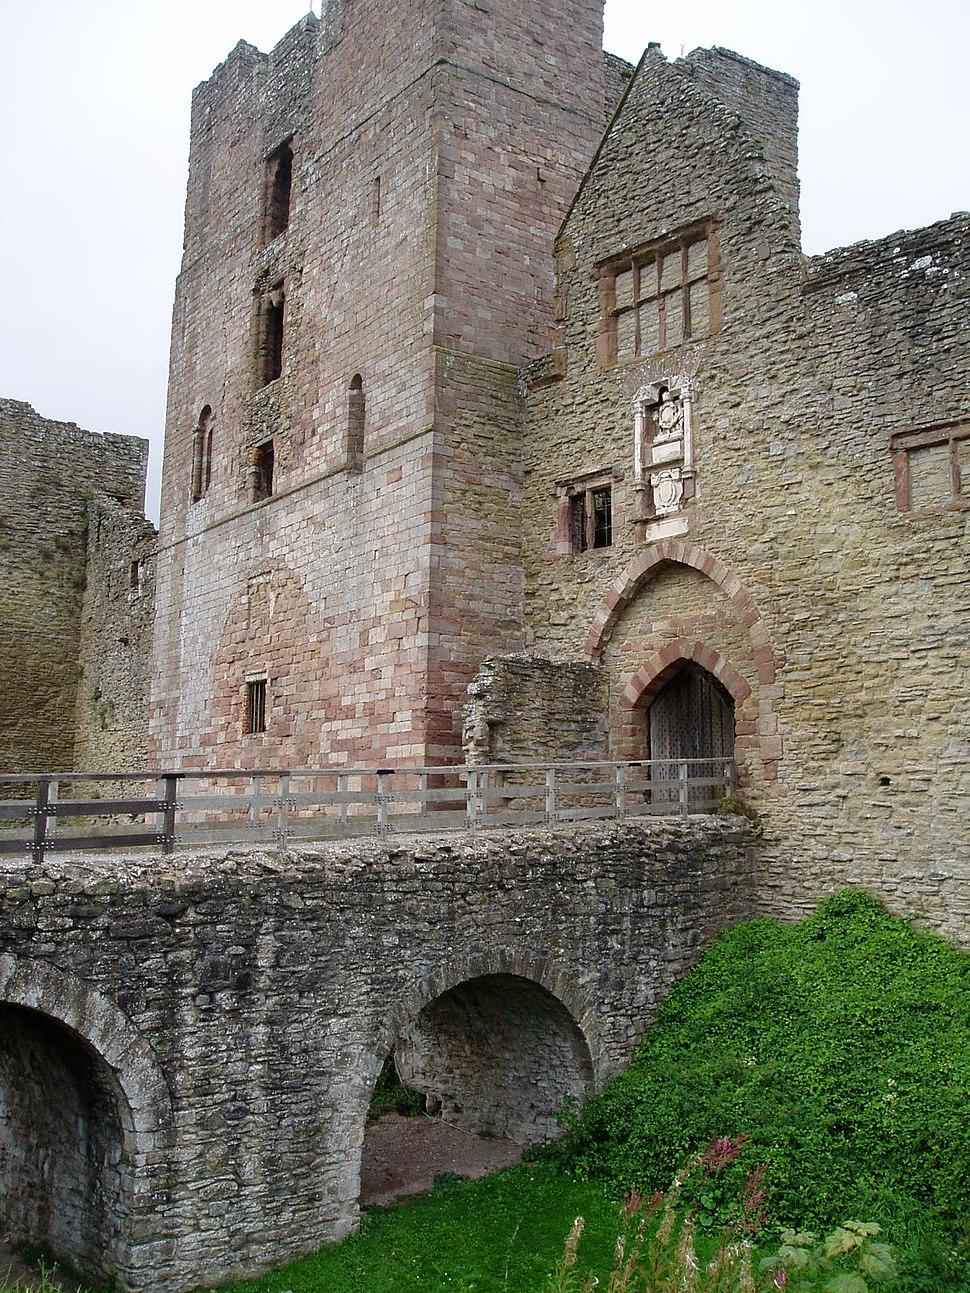 Ludlow Castle gatehouse